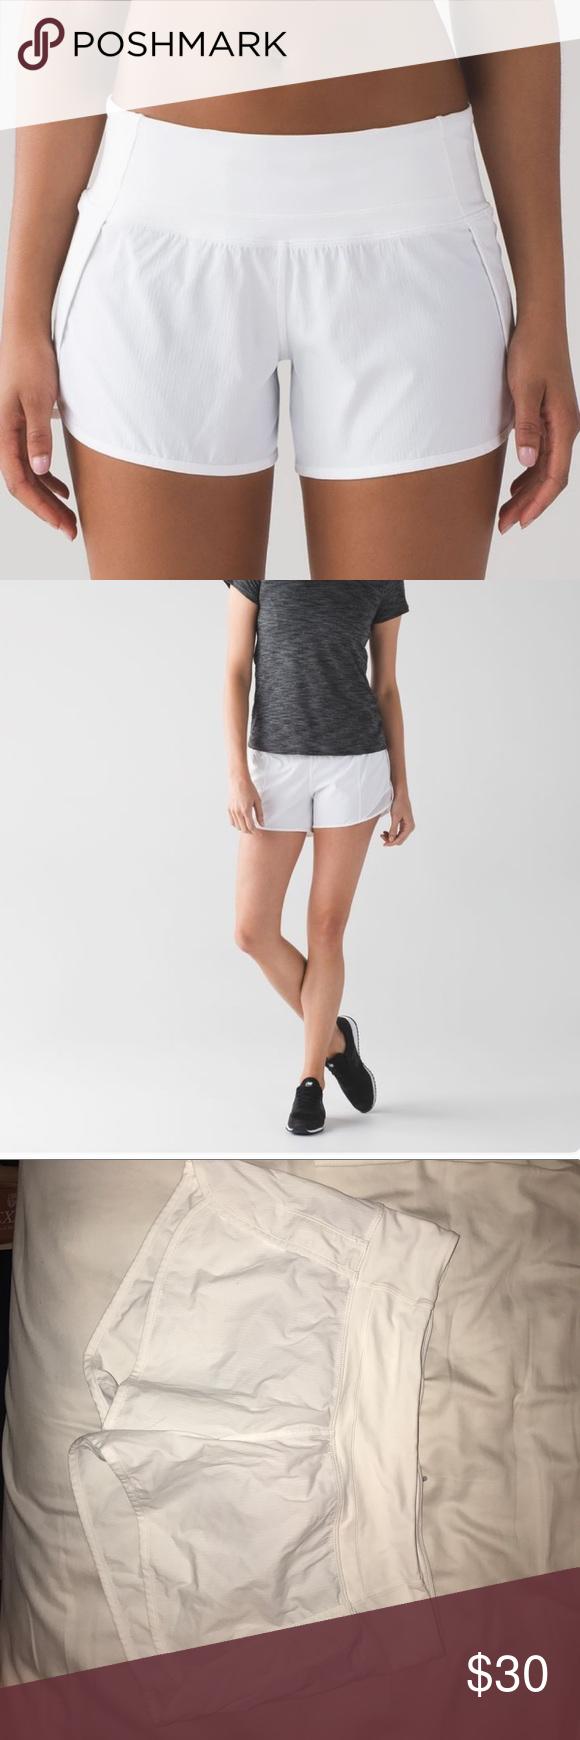 White lululemon shorts Lululemon white running shorts. Slightly longer fit. Worn once! Now too big for me lululemon athletica Shorts